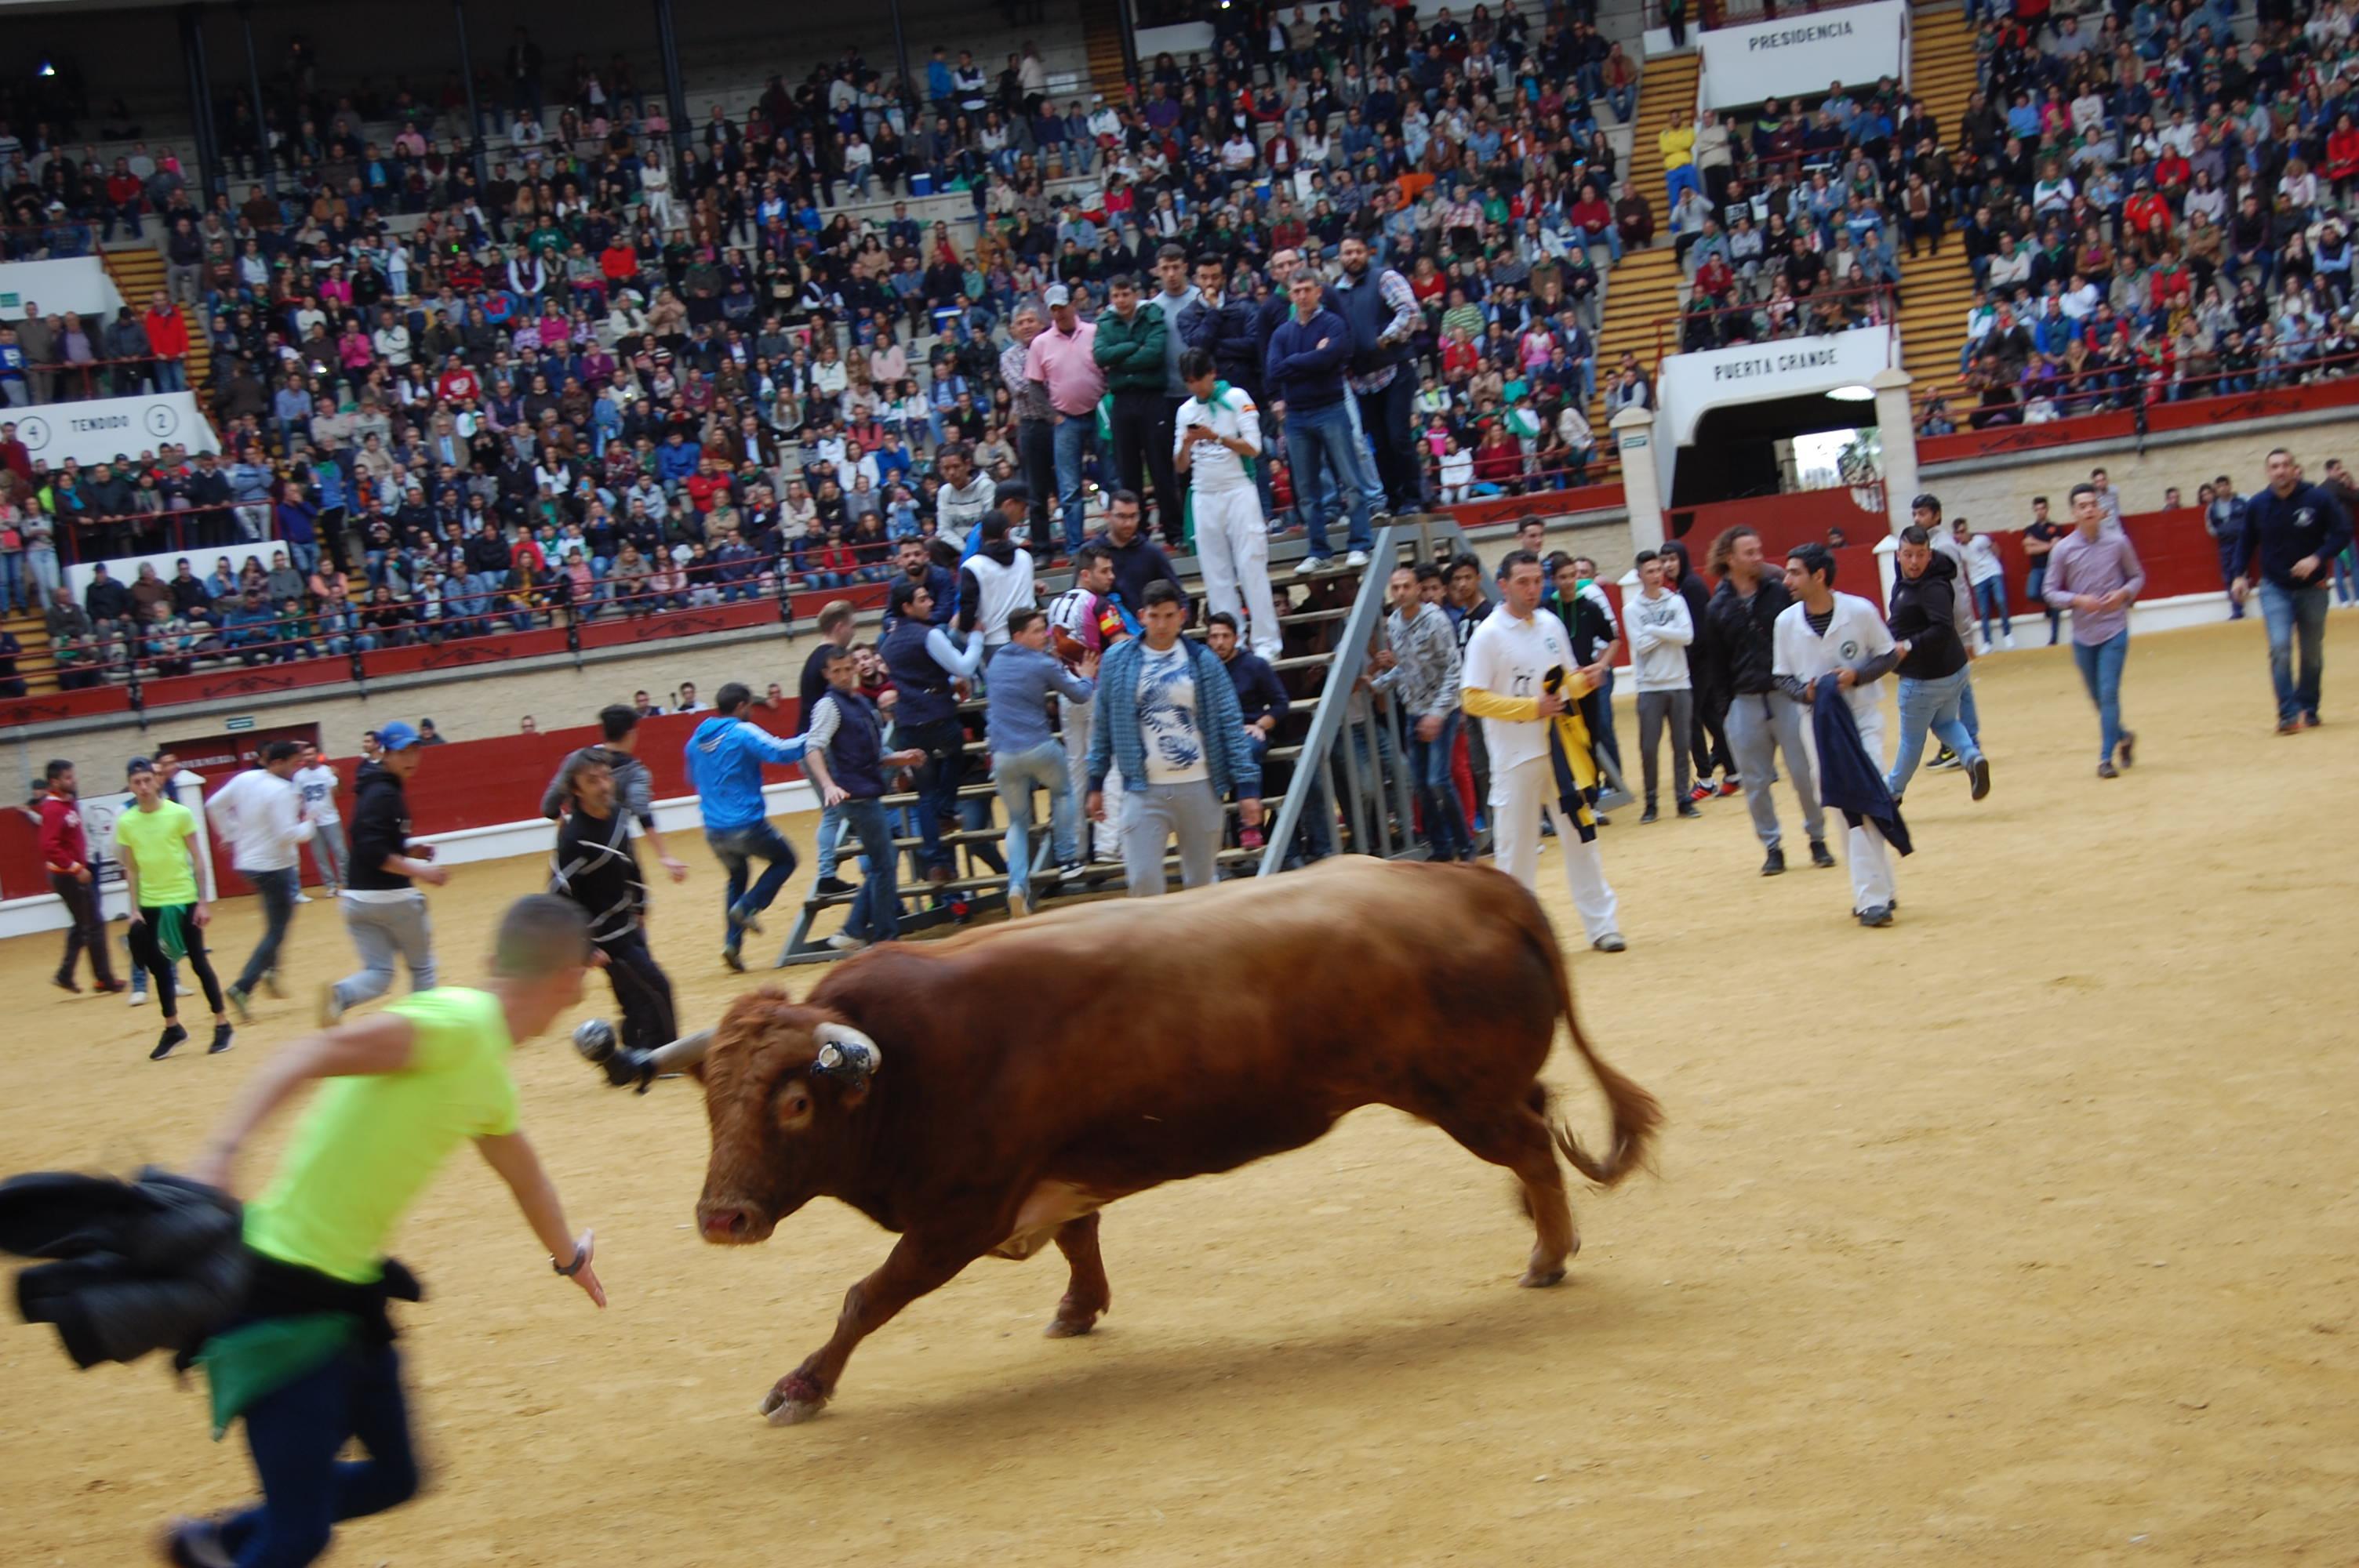 Fiesta del Toro Embolao de Los Barrios 2017 15 y 16 de abril.